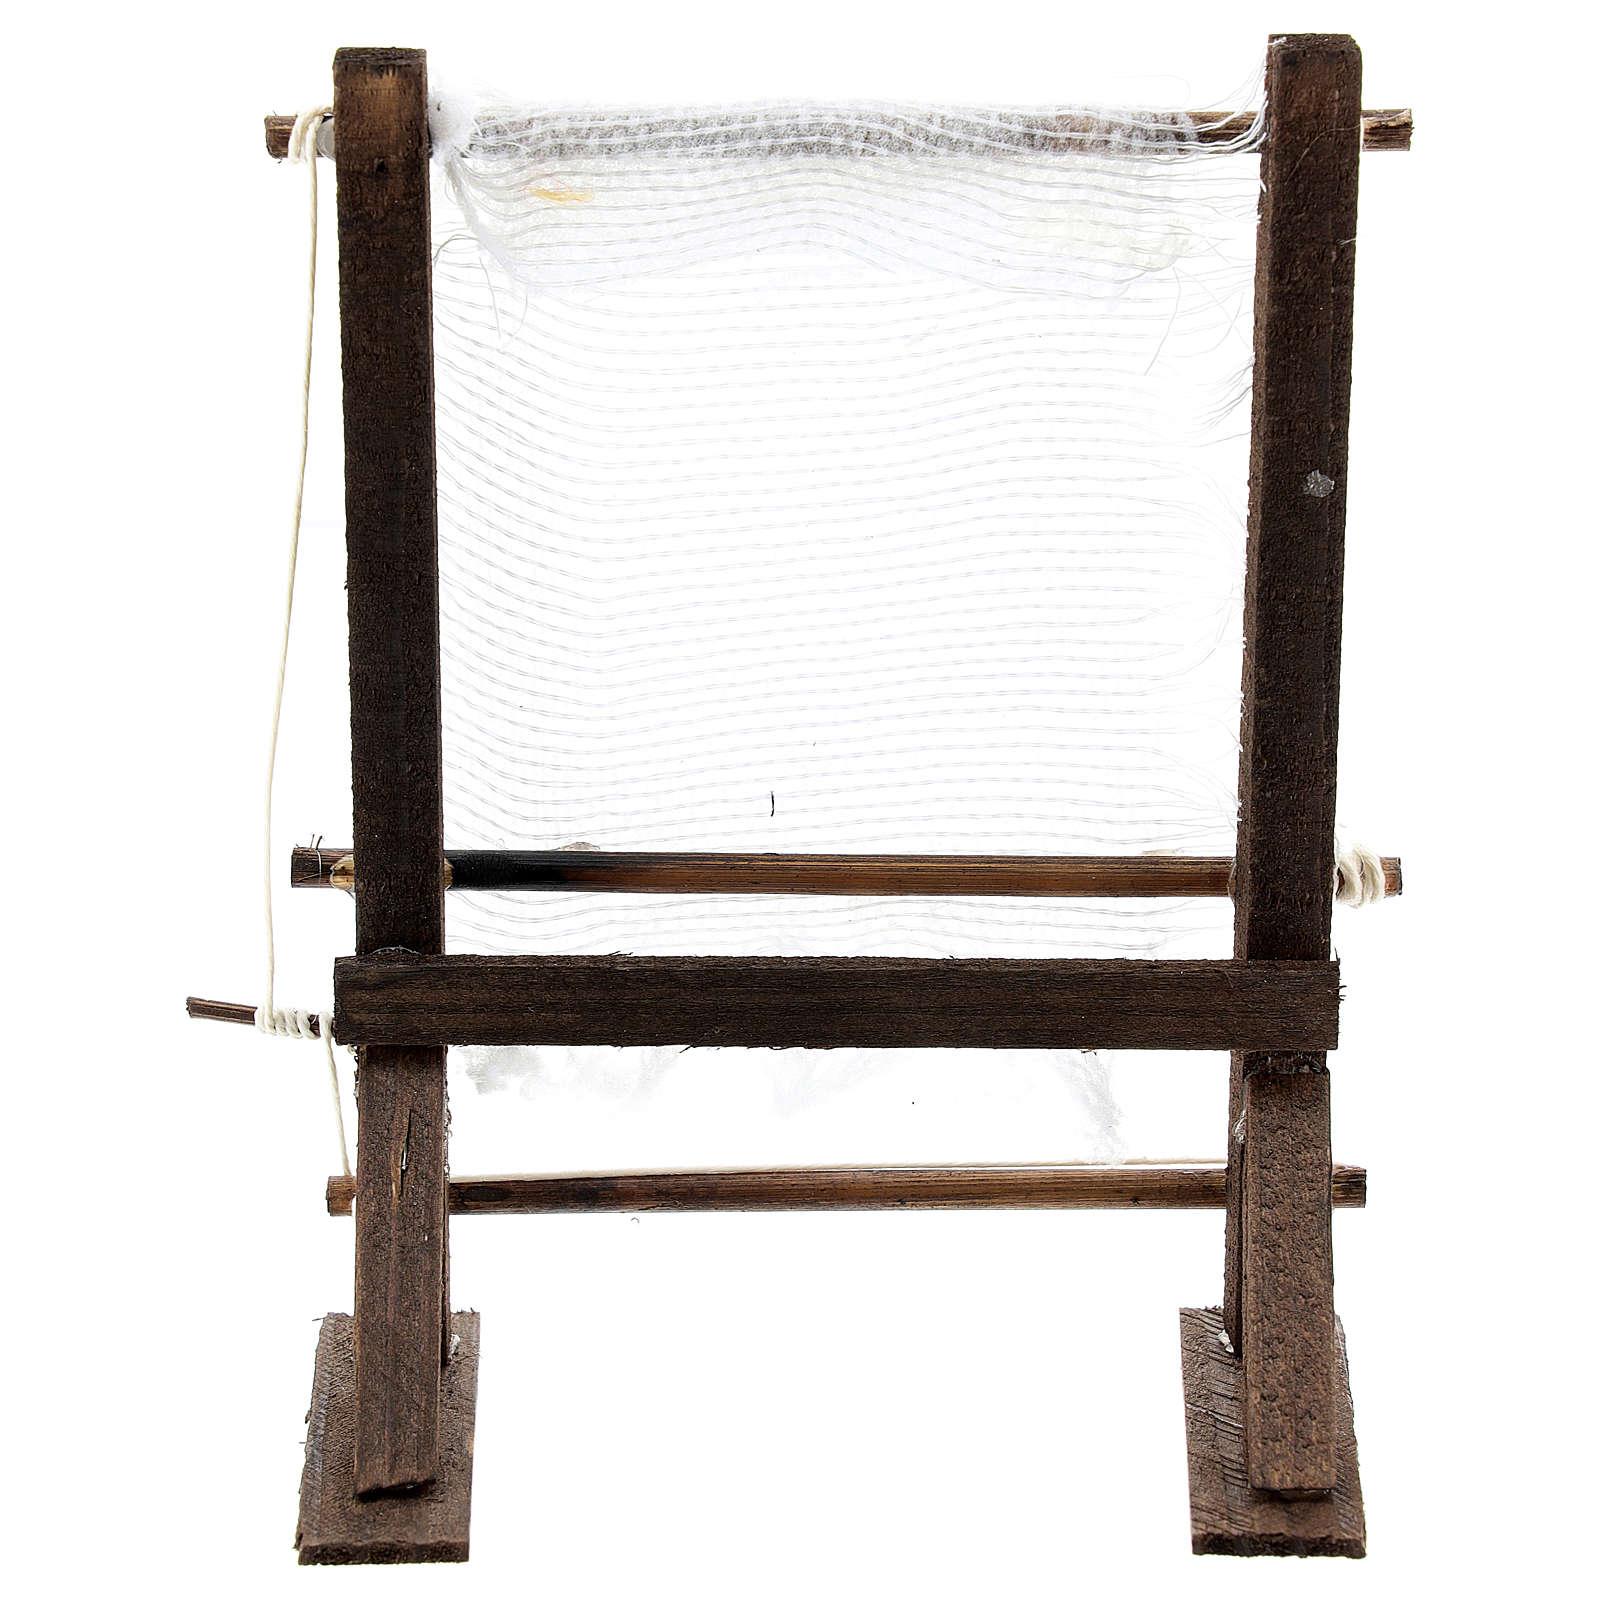 Telaio fila lana per presepe napoletano di 6-8 cm 4